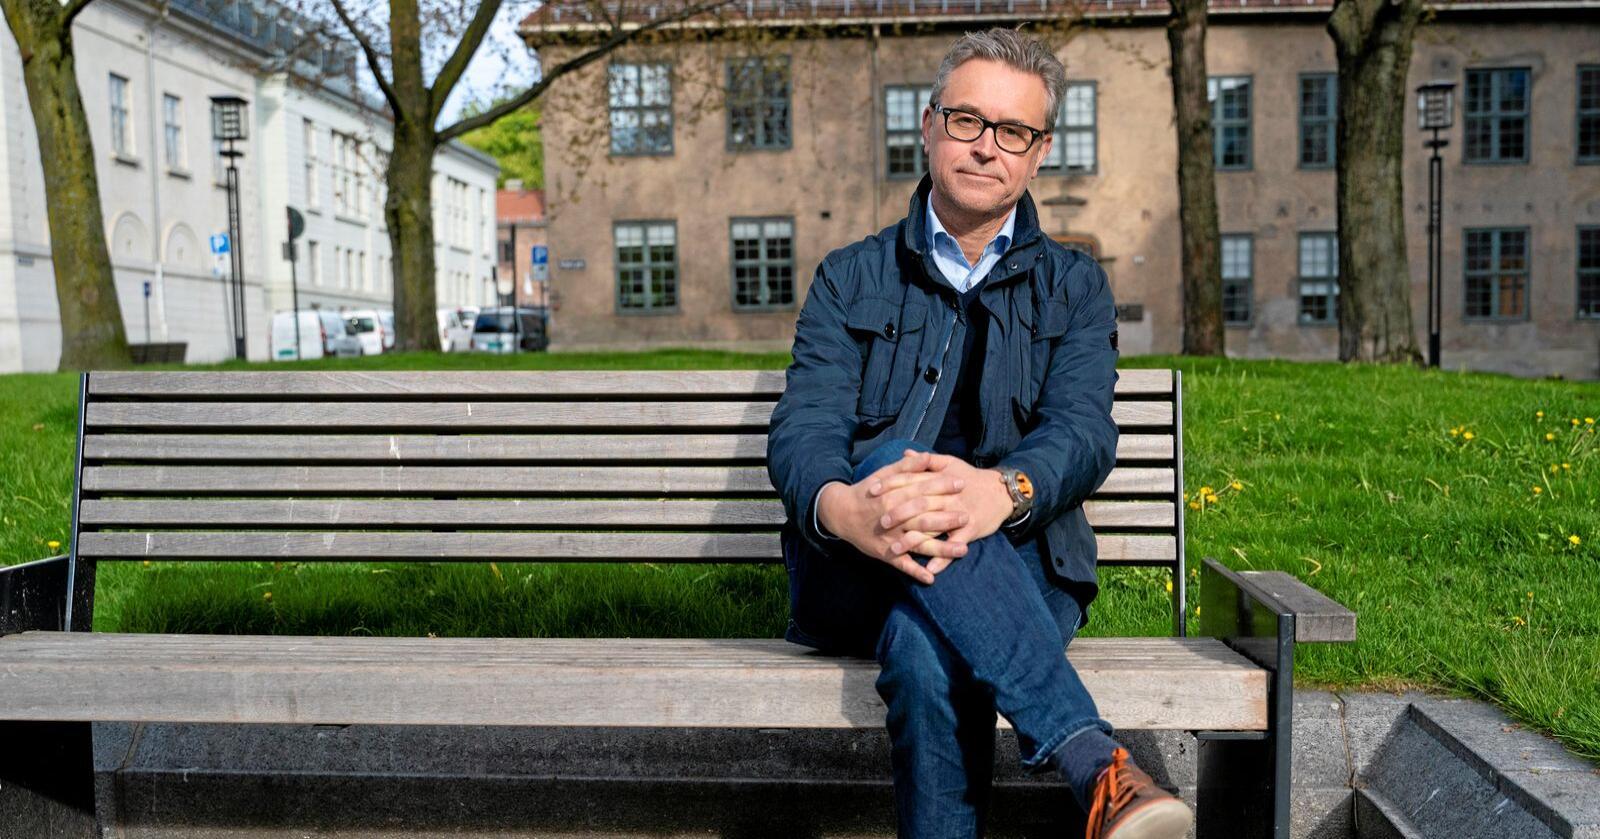 Fiskeri- og sjømatminister: Odd Emil Ingebrigtsen (H) insisterte på at kvotemeldingen ikke trengte mer utredning. Regjeringspartiene viste seg å være uenige i det. Foto: Fredrik Hagen / NTB scanpix